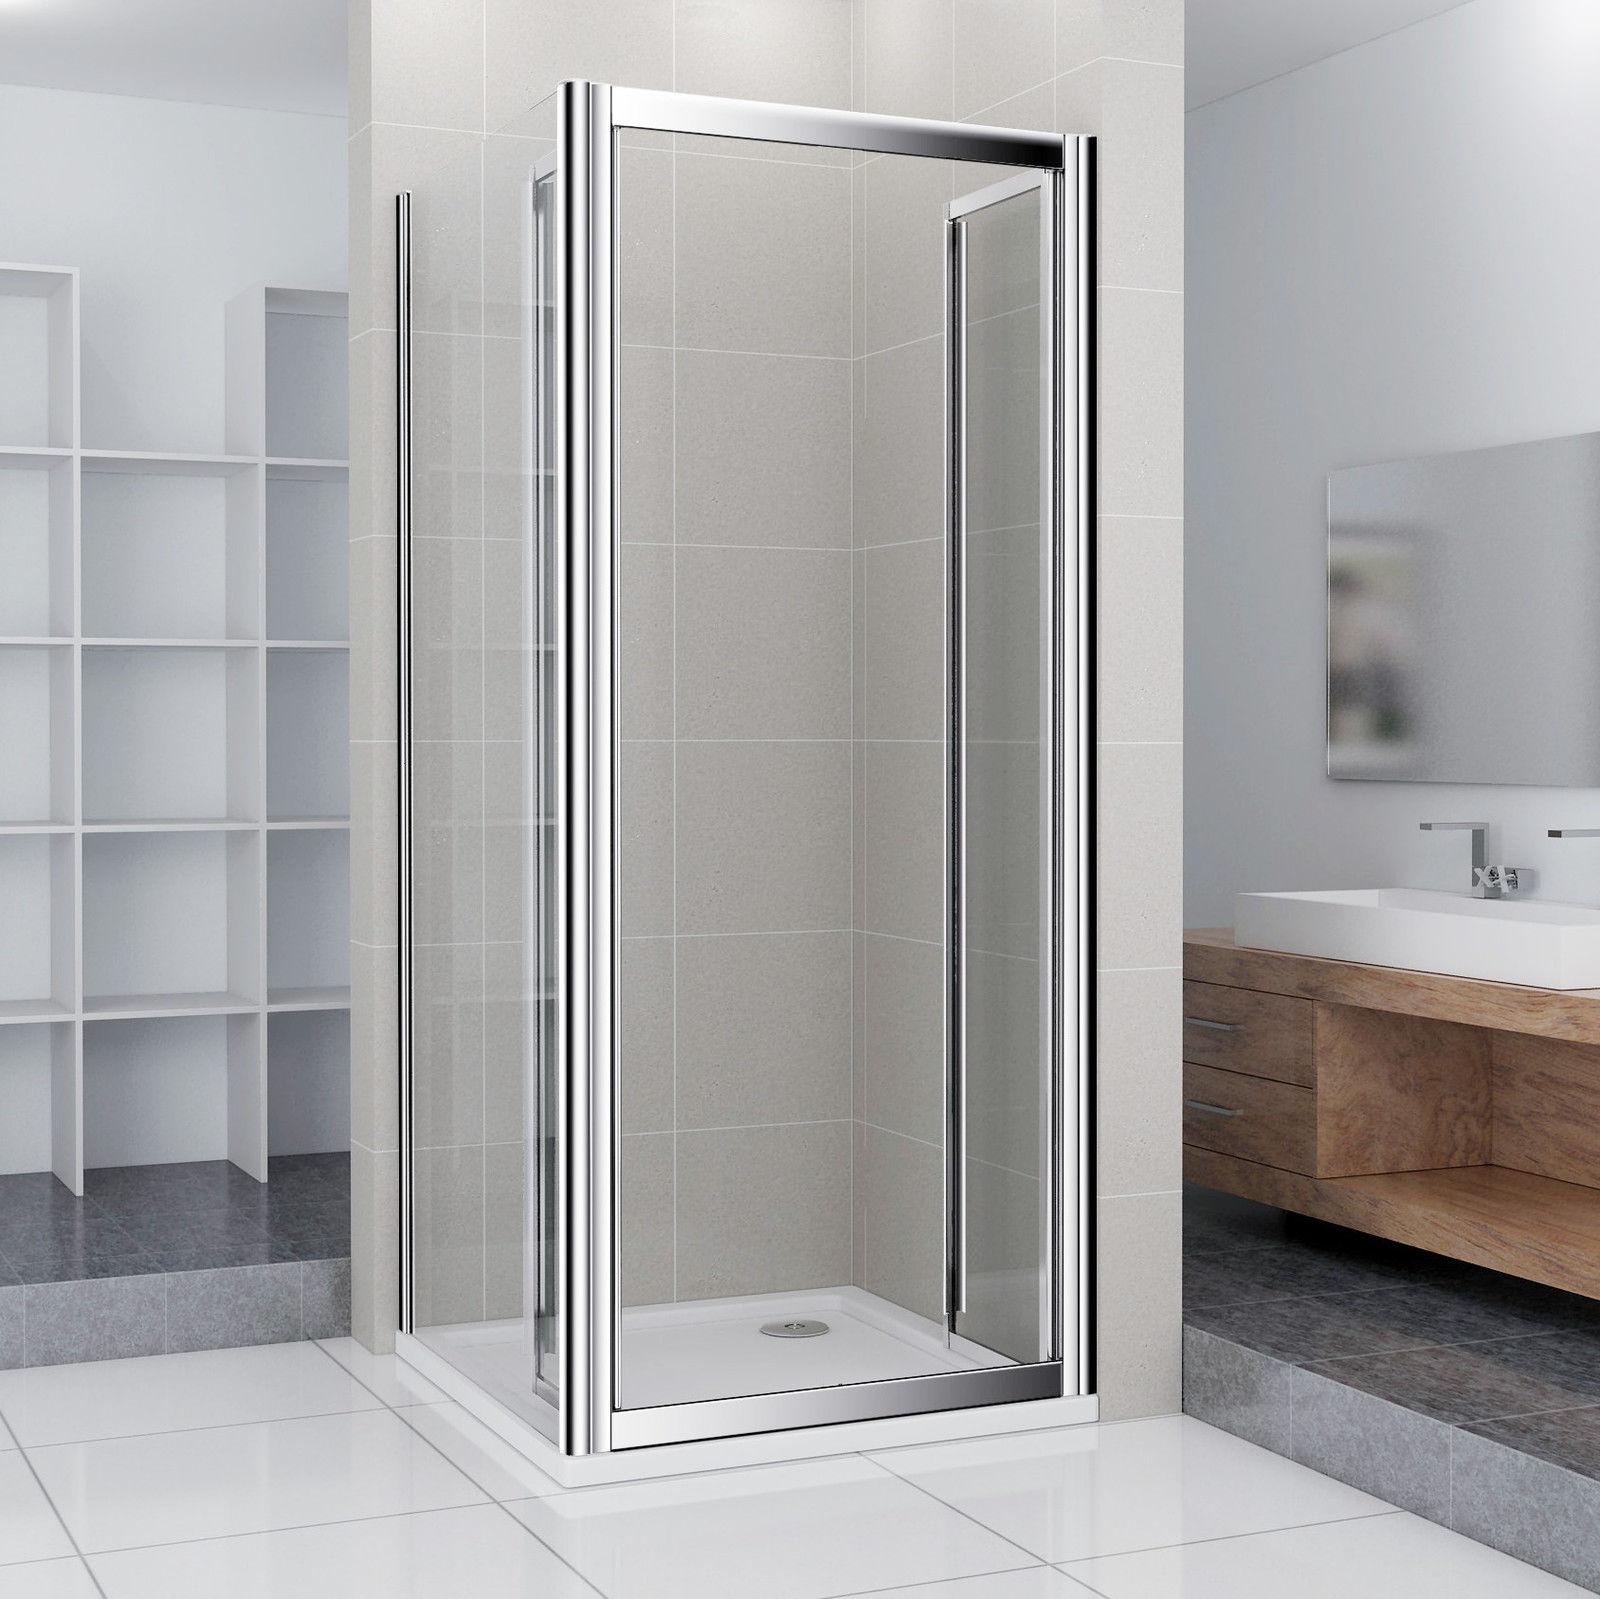 90x76x185cm duschabtrennung klapptür nischentür + duschtasse [ns12 ... - Dusche Klapptur